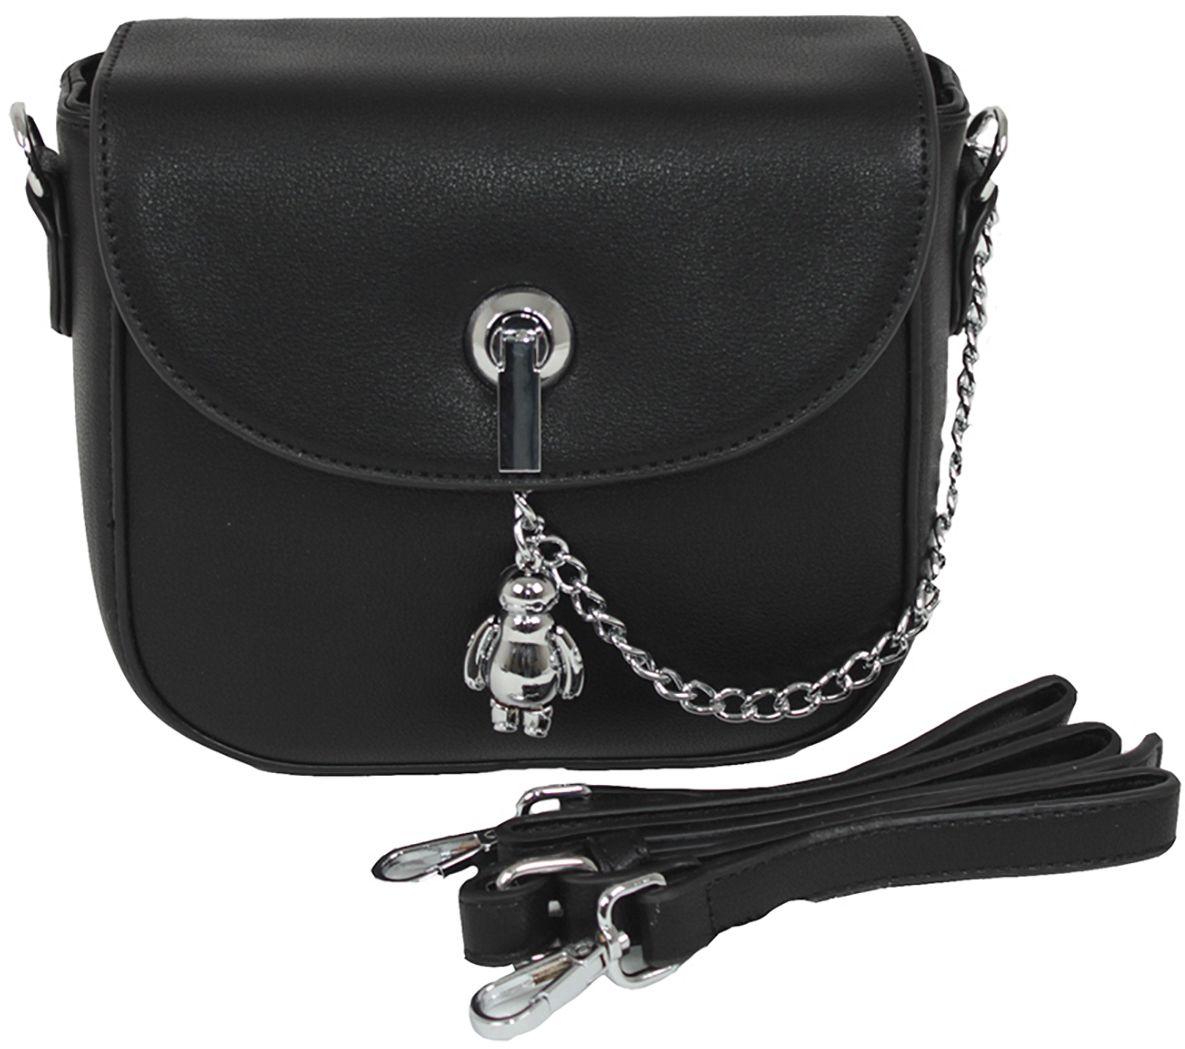 Клатч женский Flioraj, цвет: черный. 8829BM8434-58AEЗакрывается на молнию. Внутри одно отделение, два кармана для мобильного телефона, карман на молнии. В комплекте длинный наплечный ремень.